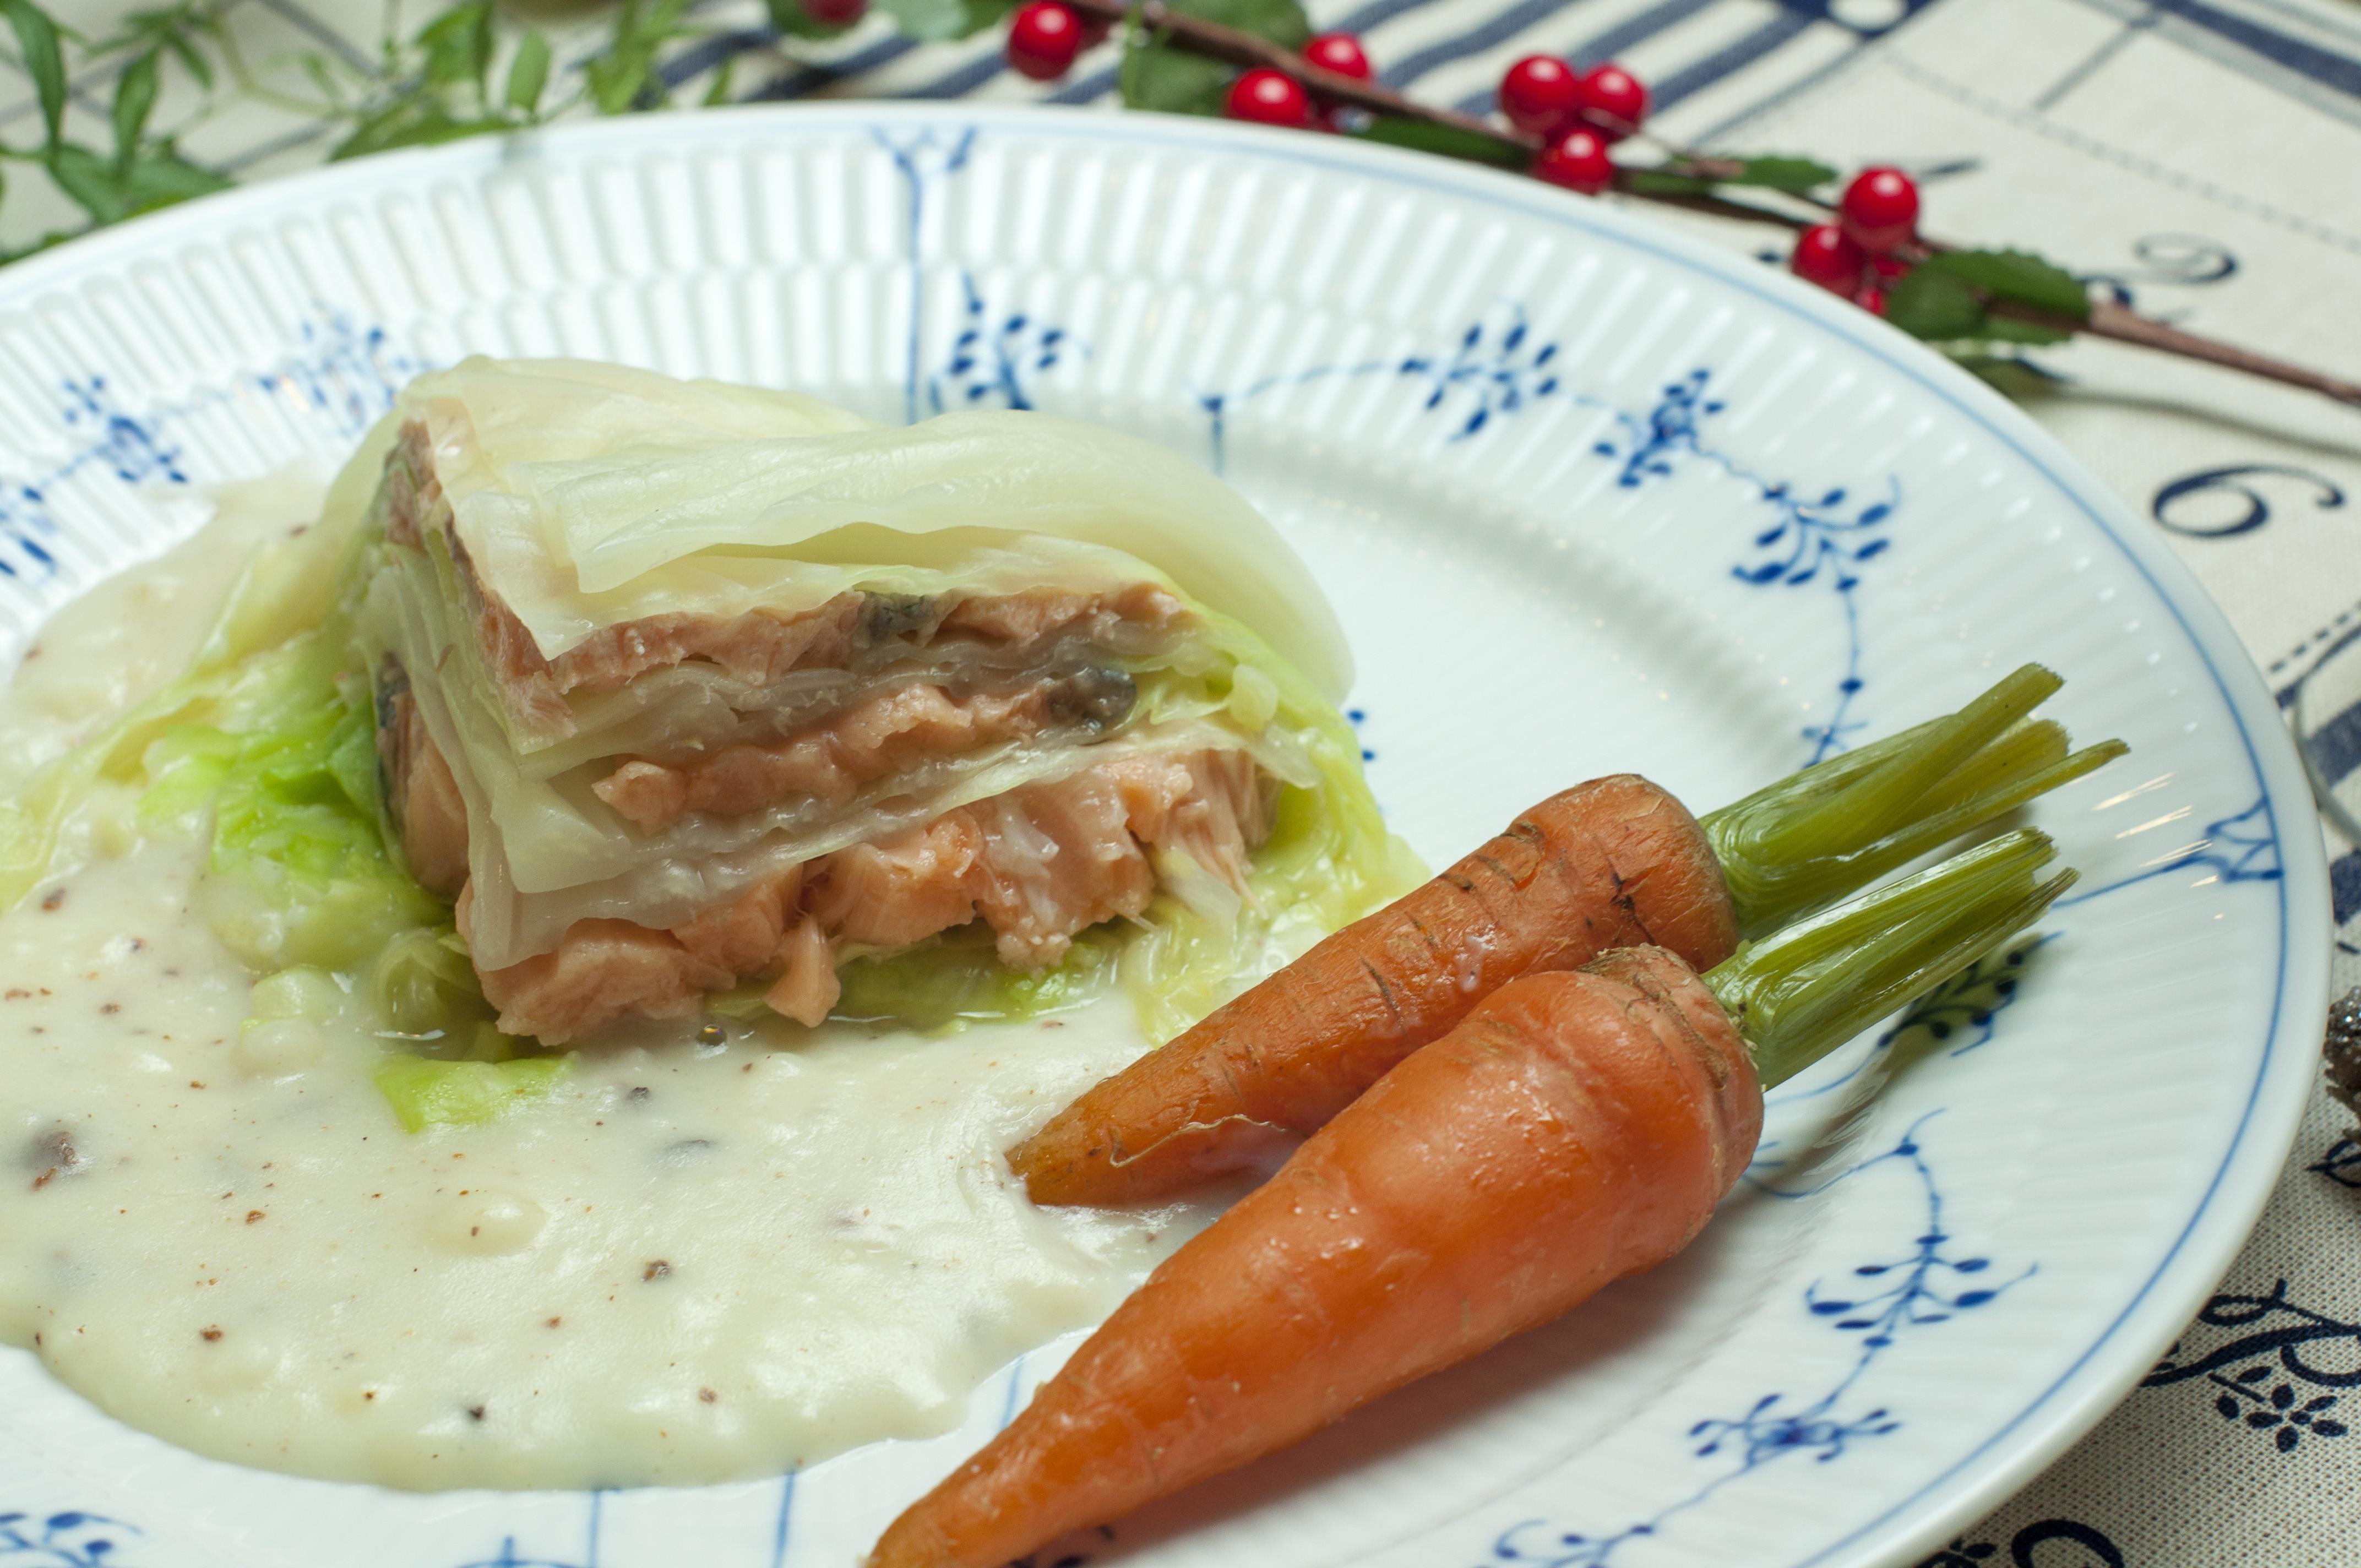 法式鮭魚高麗菜捲--電影美食端上桌